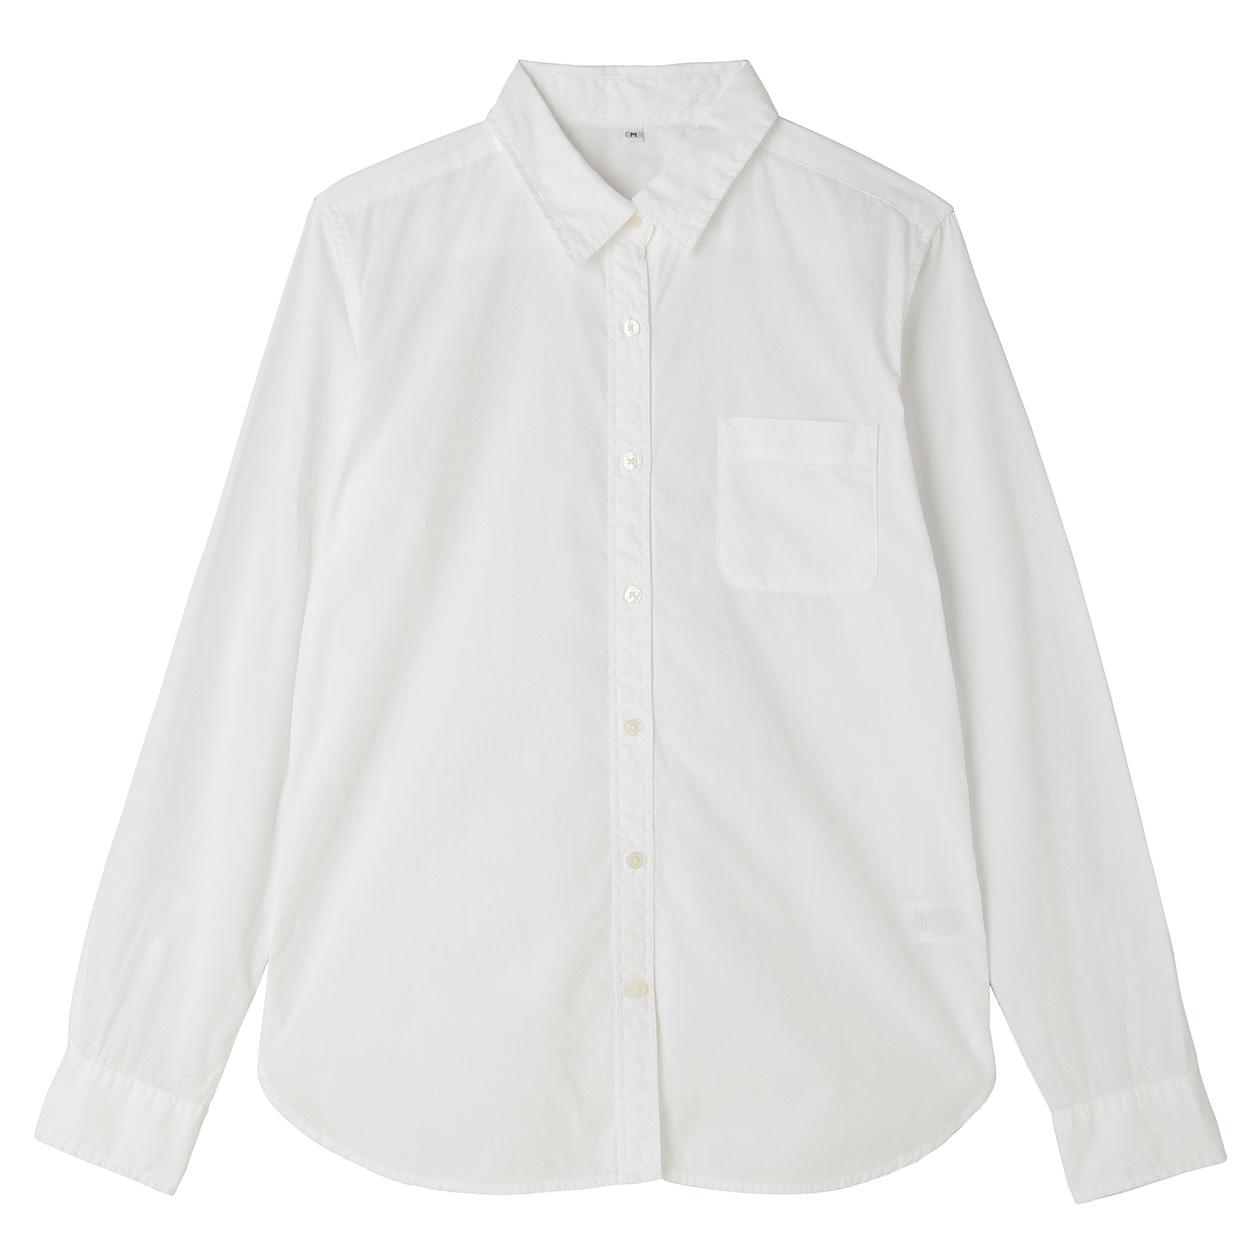 オーガニックコットン洗いざらしブロードシャツ